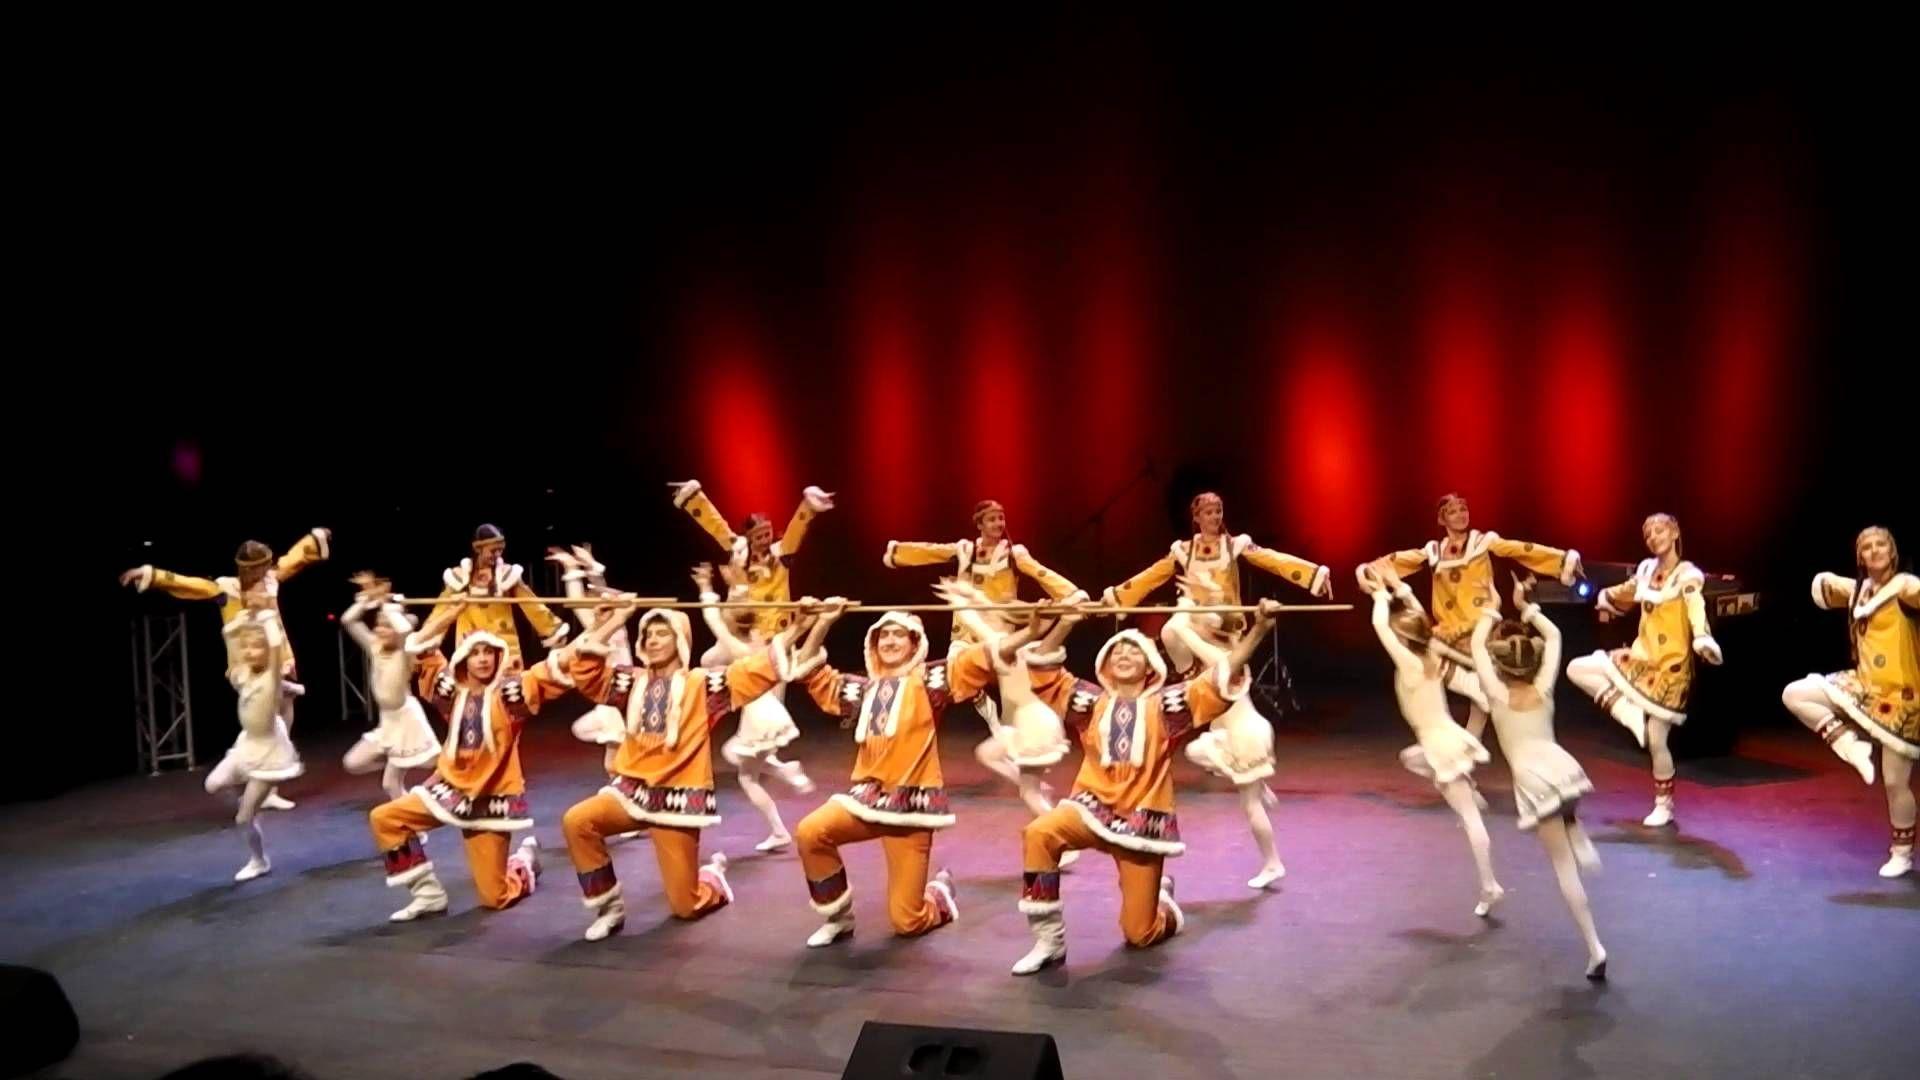 Якутский танец Ансамбль Локтева детские танцы  Якутский танец Ансамбль Локтева